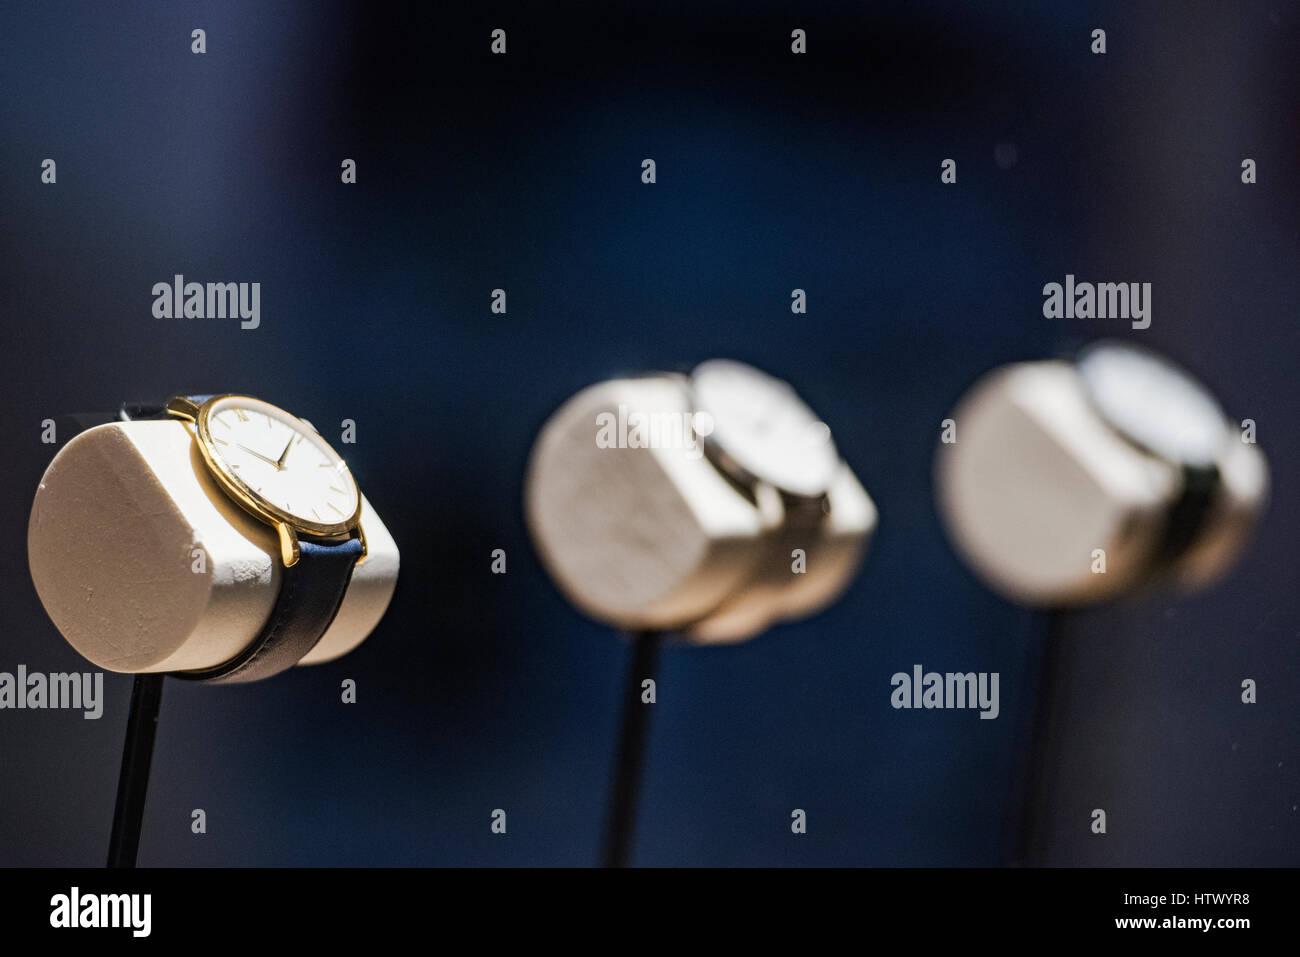 Clock Shop Detail Stock Photos Amp Clock Shop Detail Stock